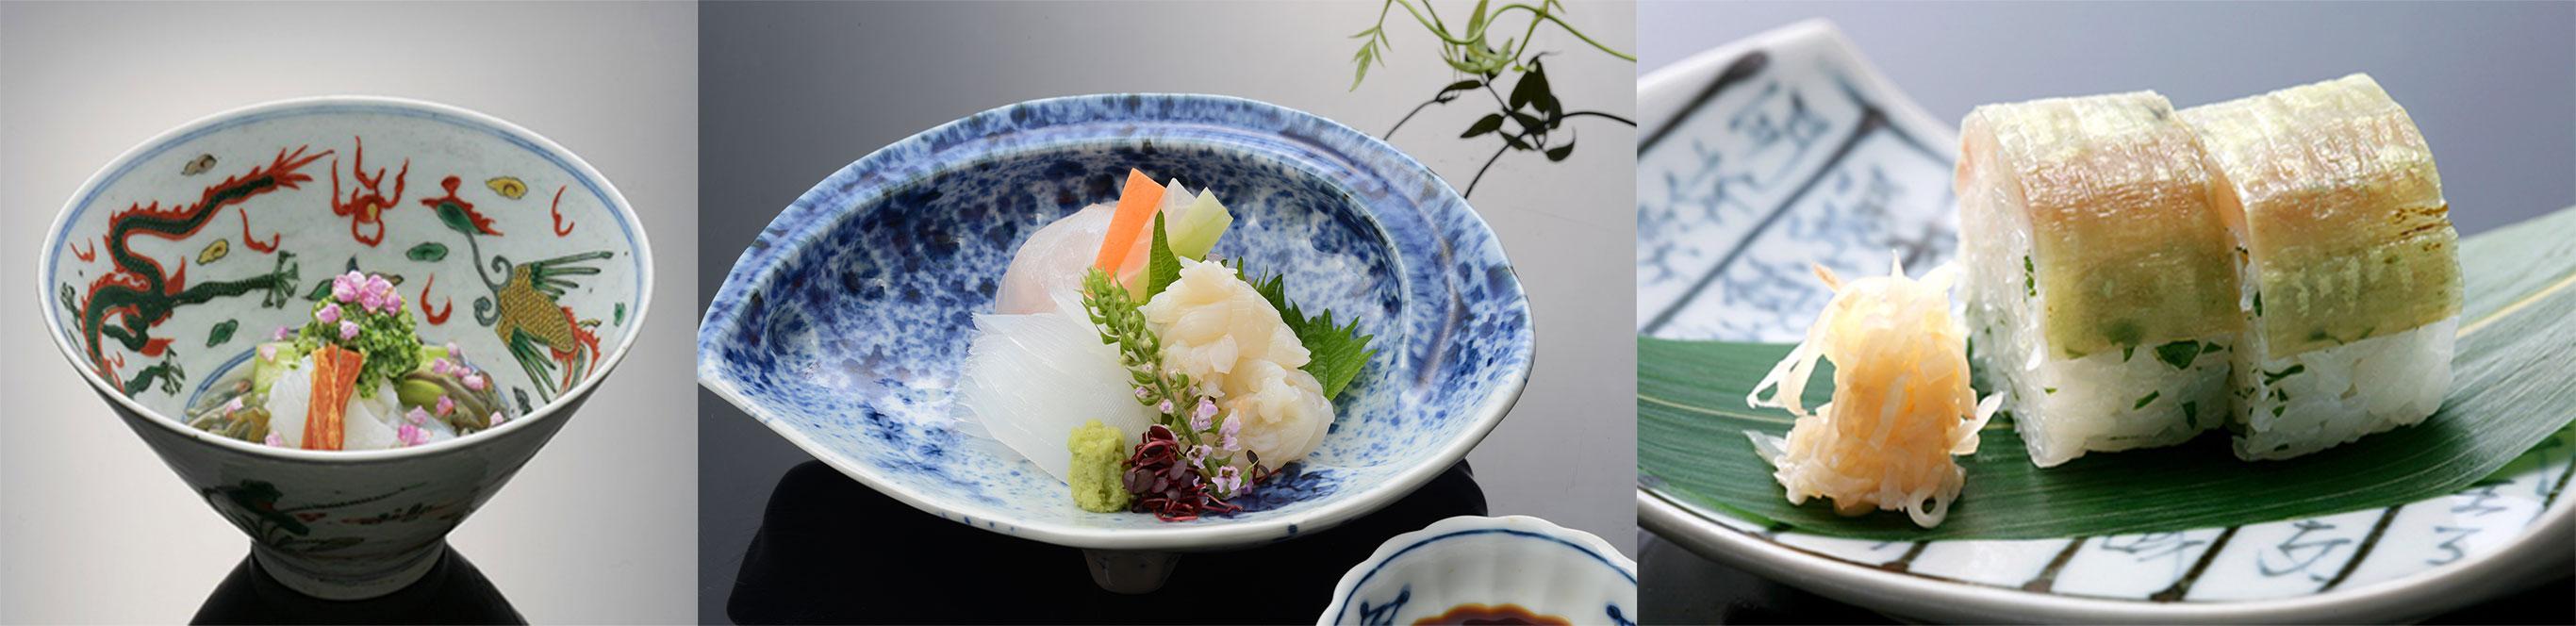 香川の地産地消を考えた料理の数々